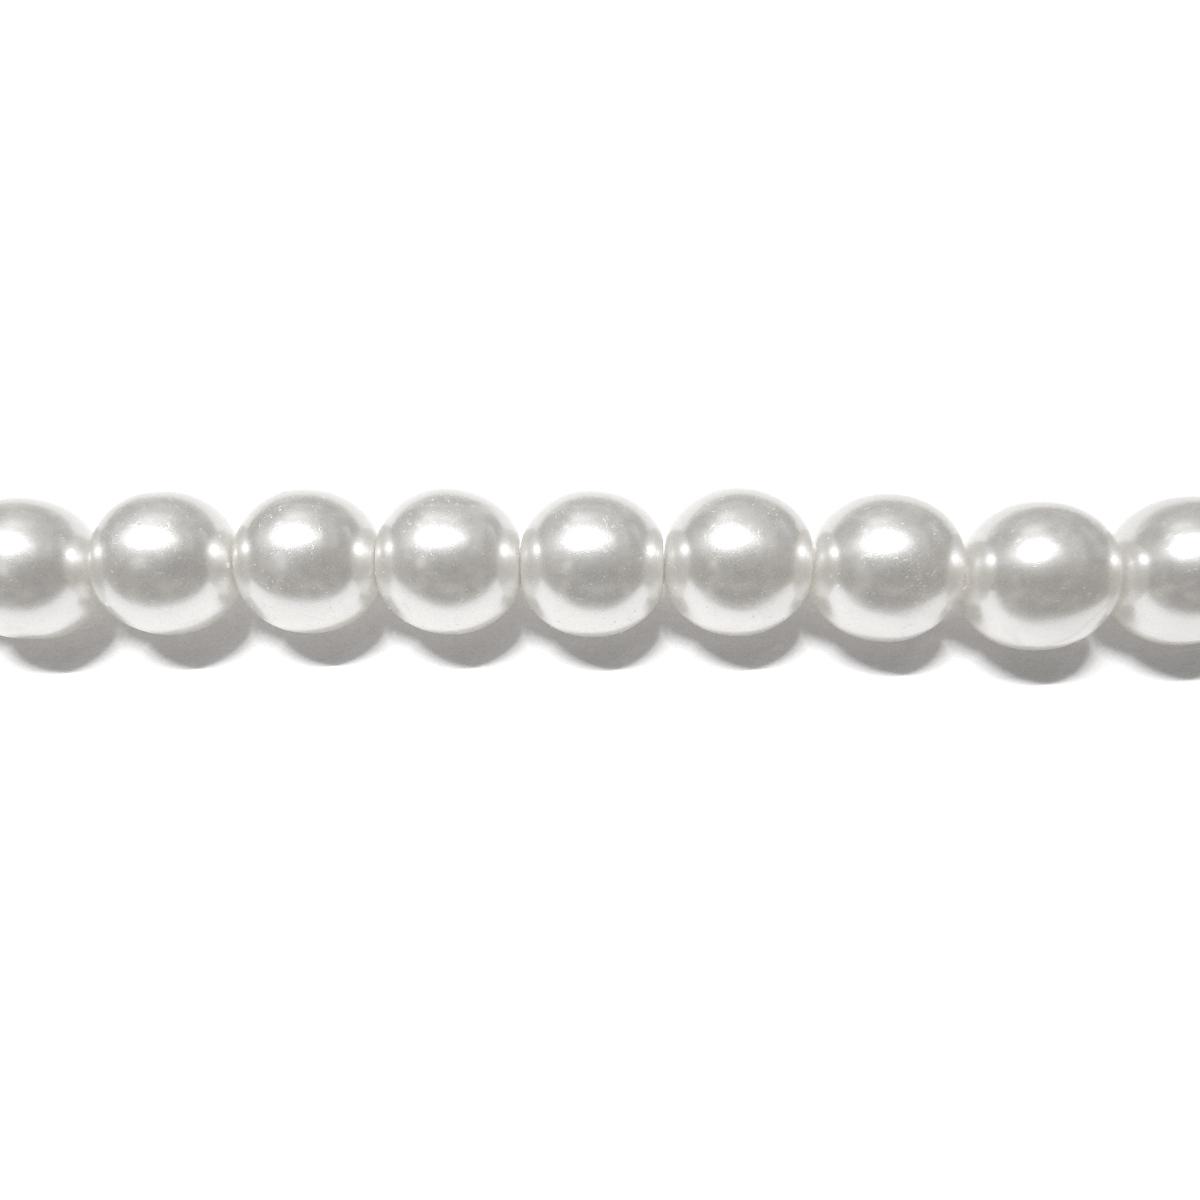 Perla Cristal Redonda 7mm - Color Blanco